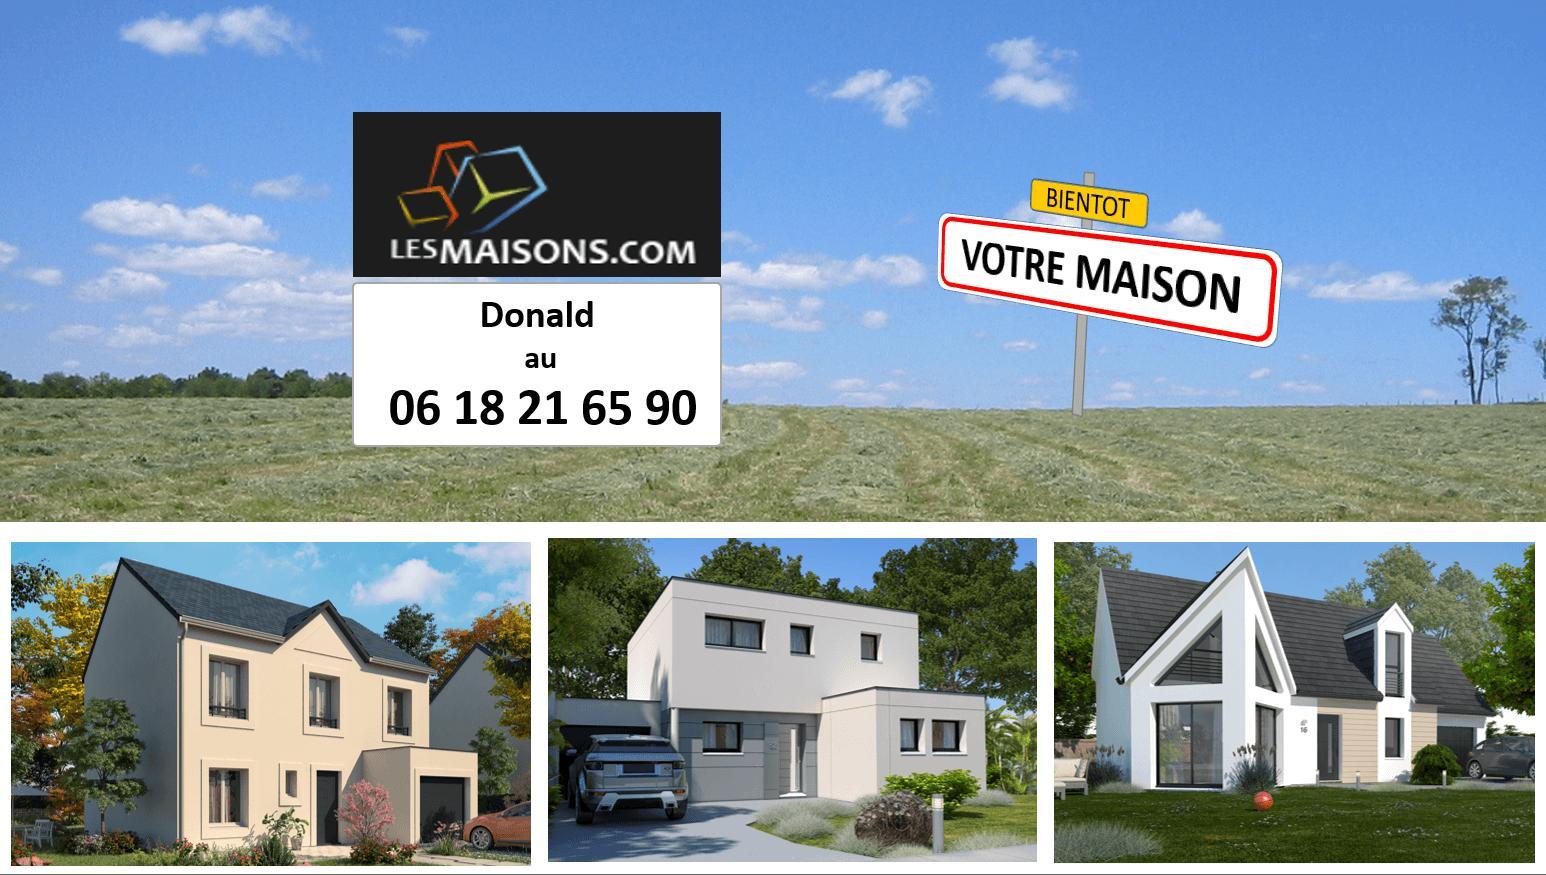 Terrains du constructeur LES MAISONS.COM LA VILLE DU BOIS • 346 m² • SAINTE GENEVIEVE DES BOIS